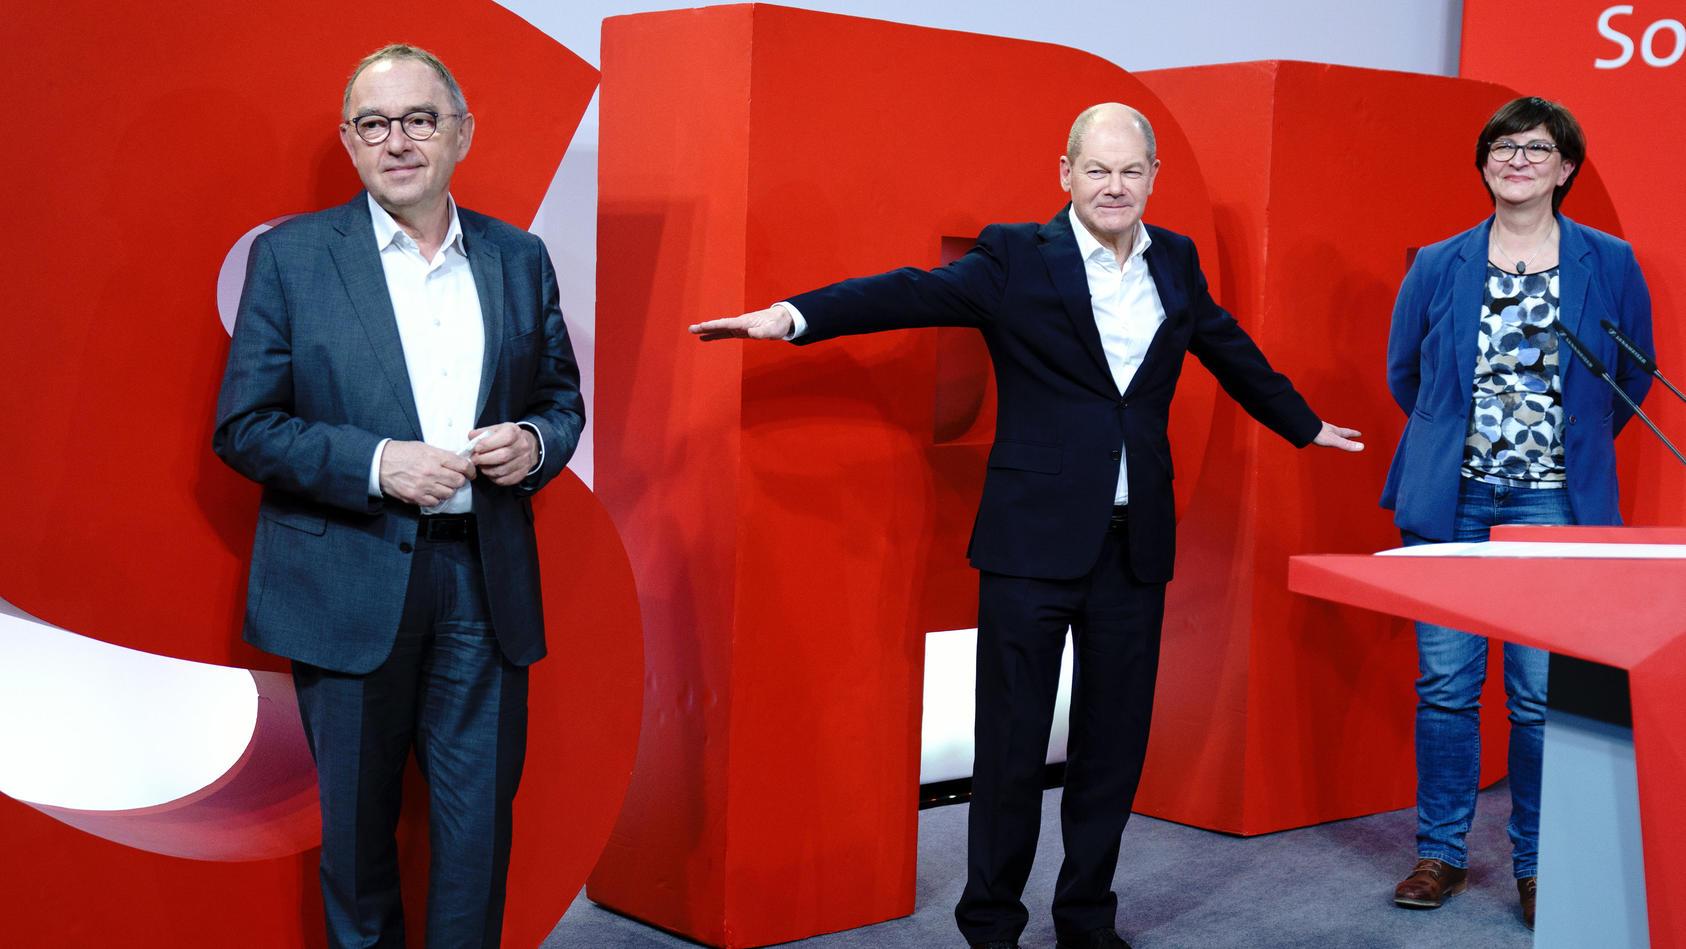 Norbert Walter-Borjans, Olaf Scholz und Saskia Esken (von links nach rechts)  stellen Wahlprogramm der SPD für die Bundestagswahl vor.